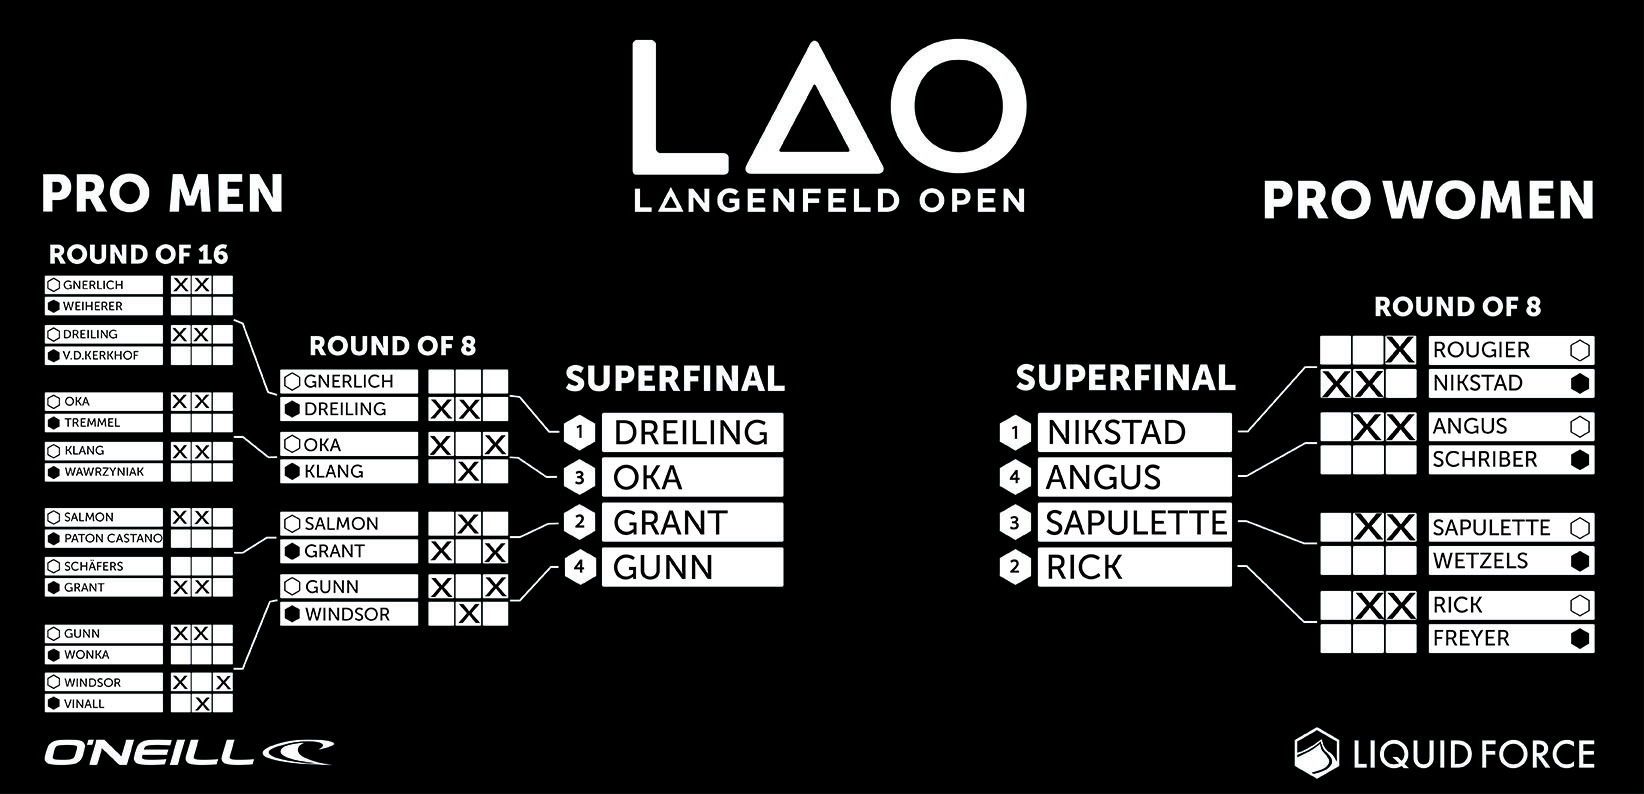 LANGENFELD OPEN 2017